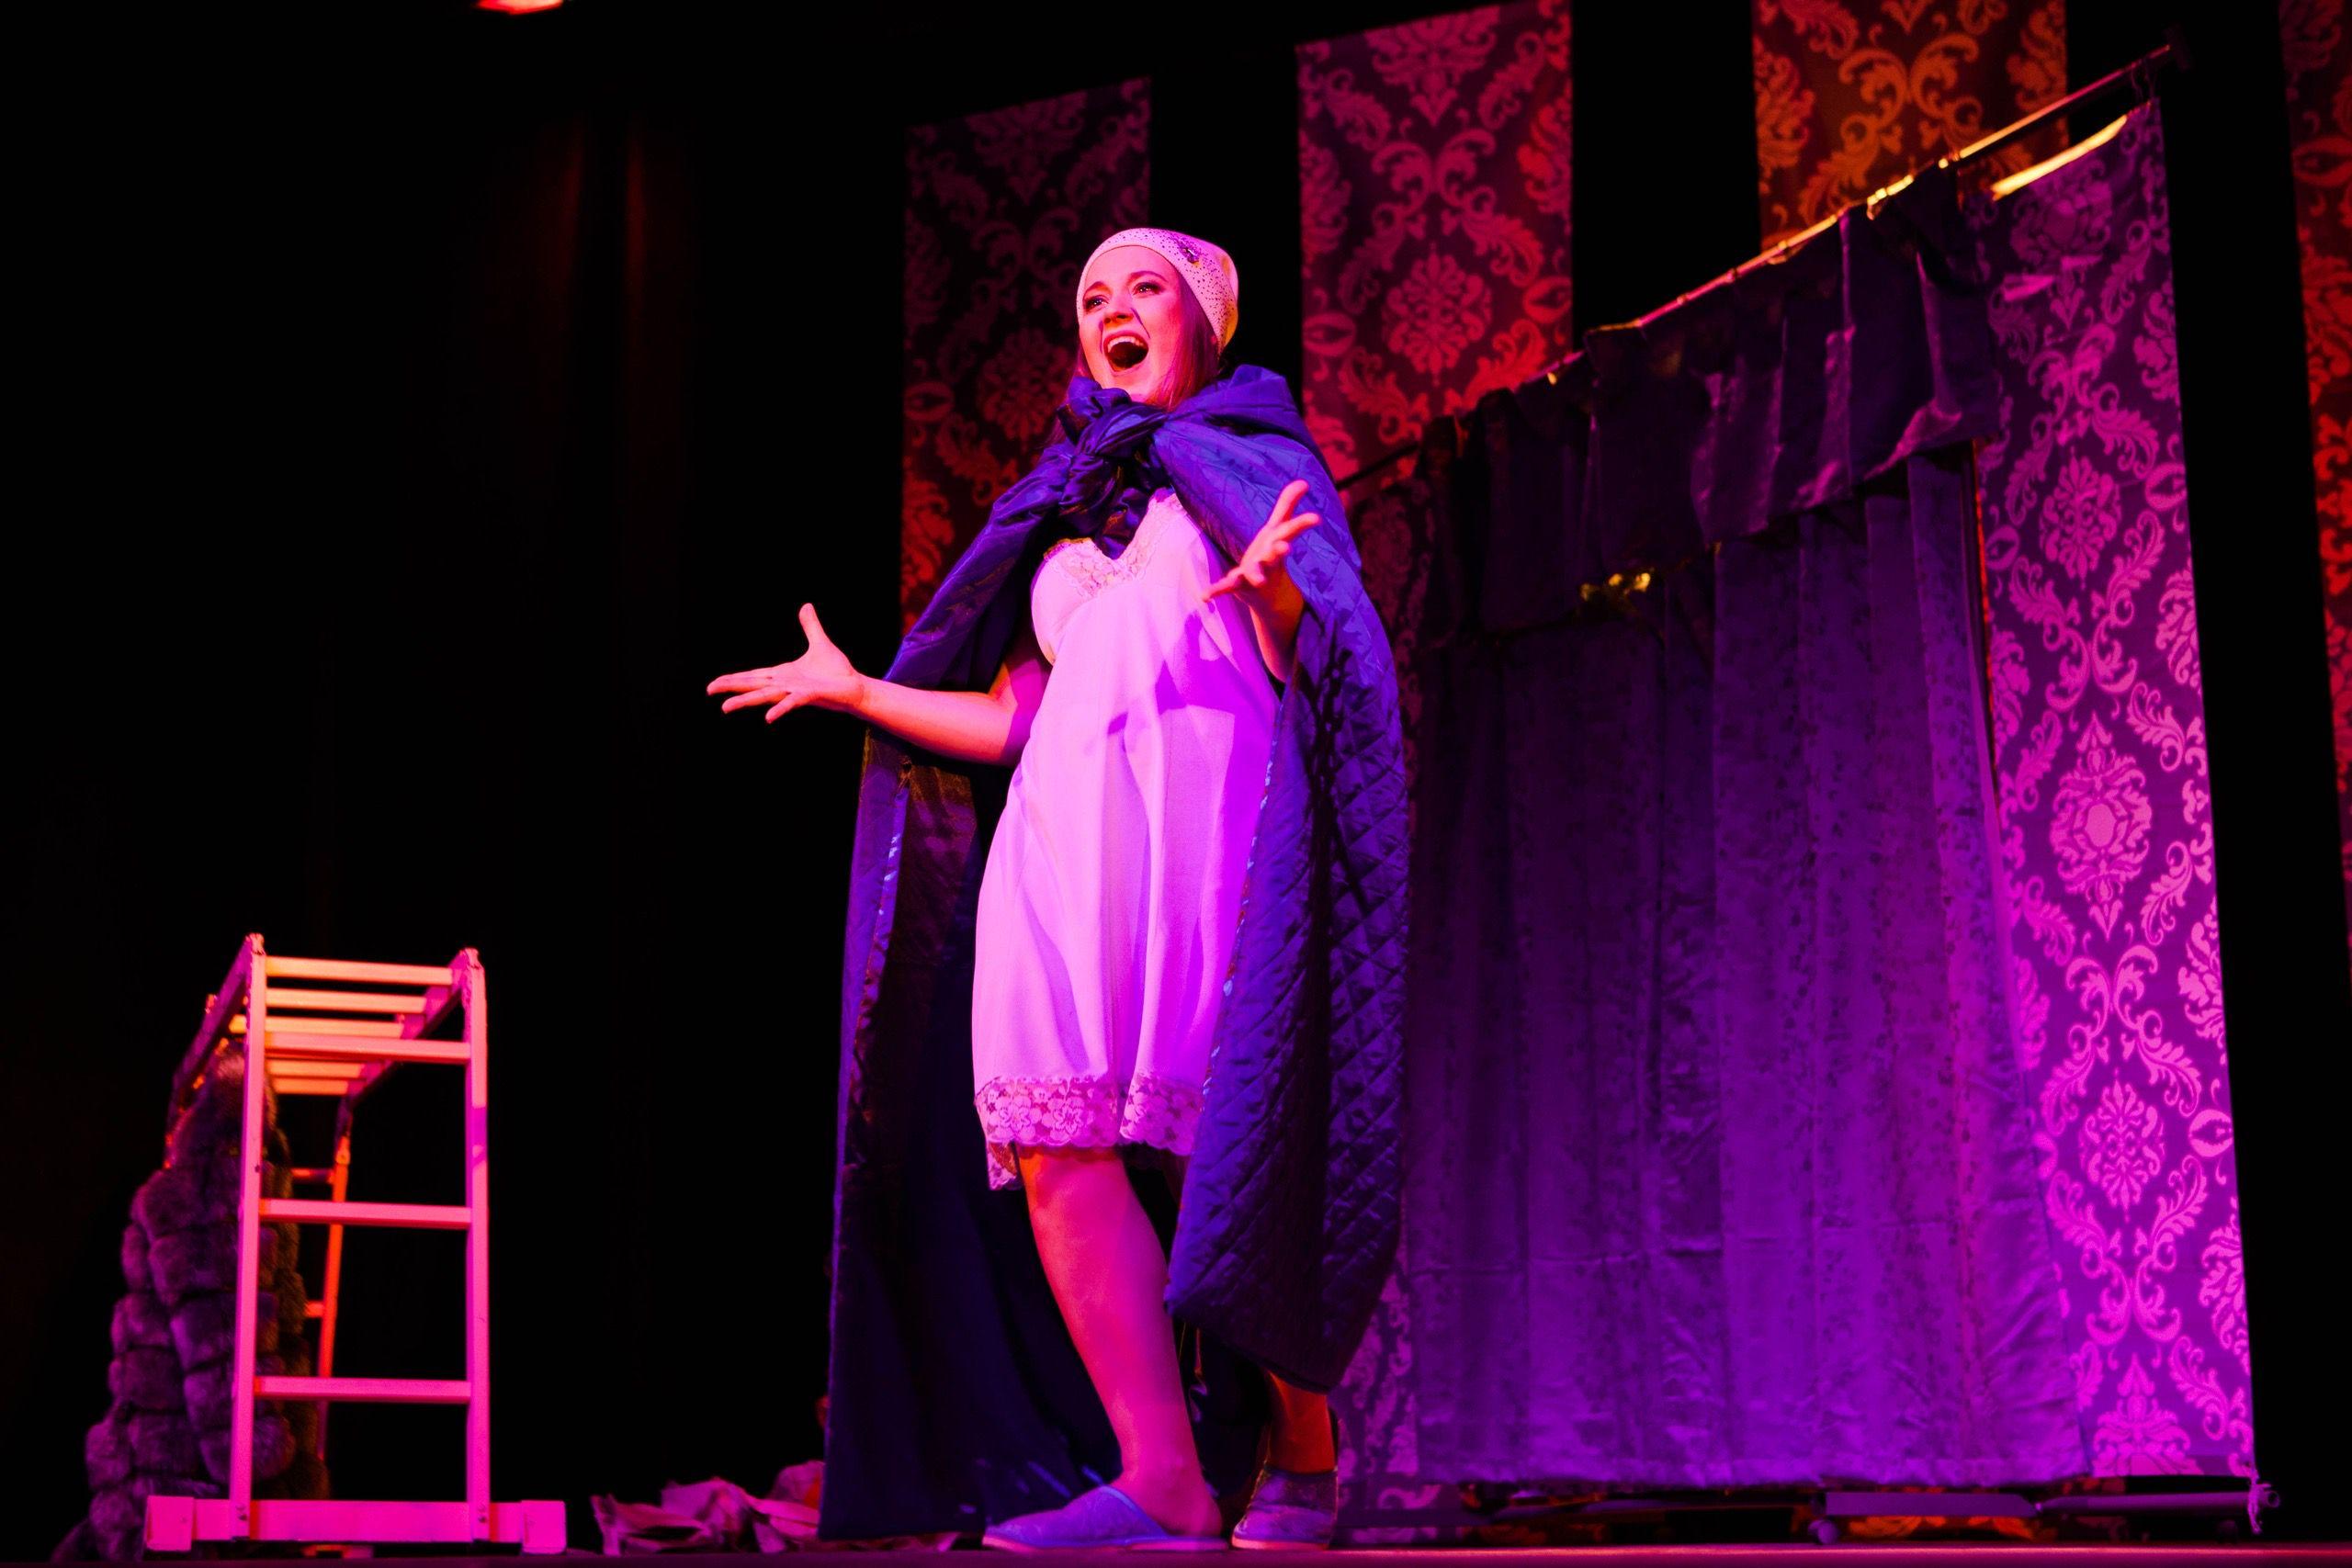 Спектакль «Пила вино и хохотала. Белое» в постановке «Театра двух» (Санкт-Петербург) фото 3